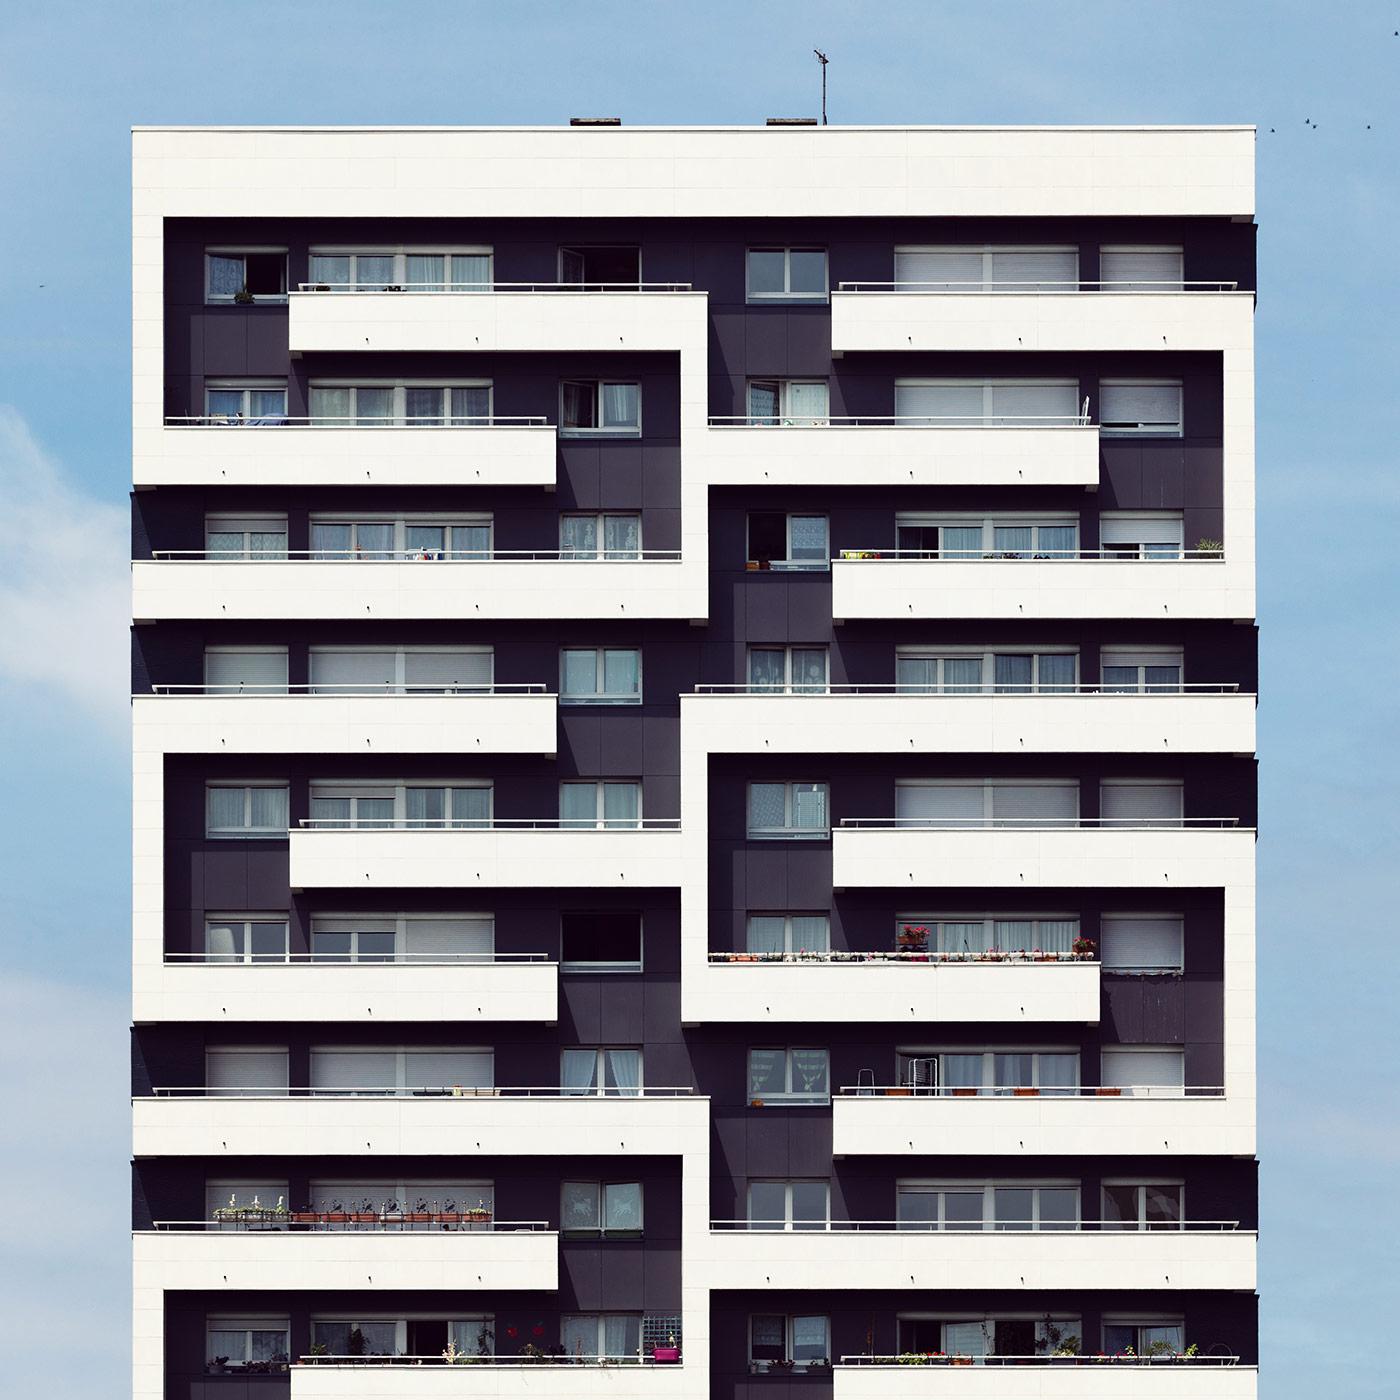 La cité Curial-Cambrai <br />Location: Paris, France <br />Architect: André Coquet